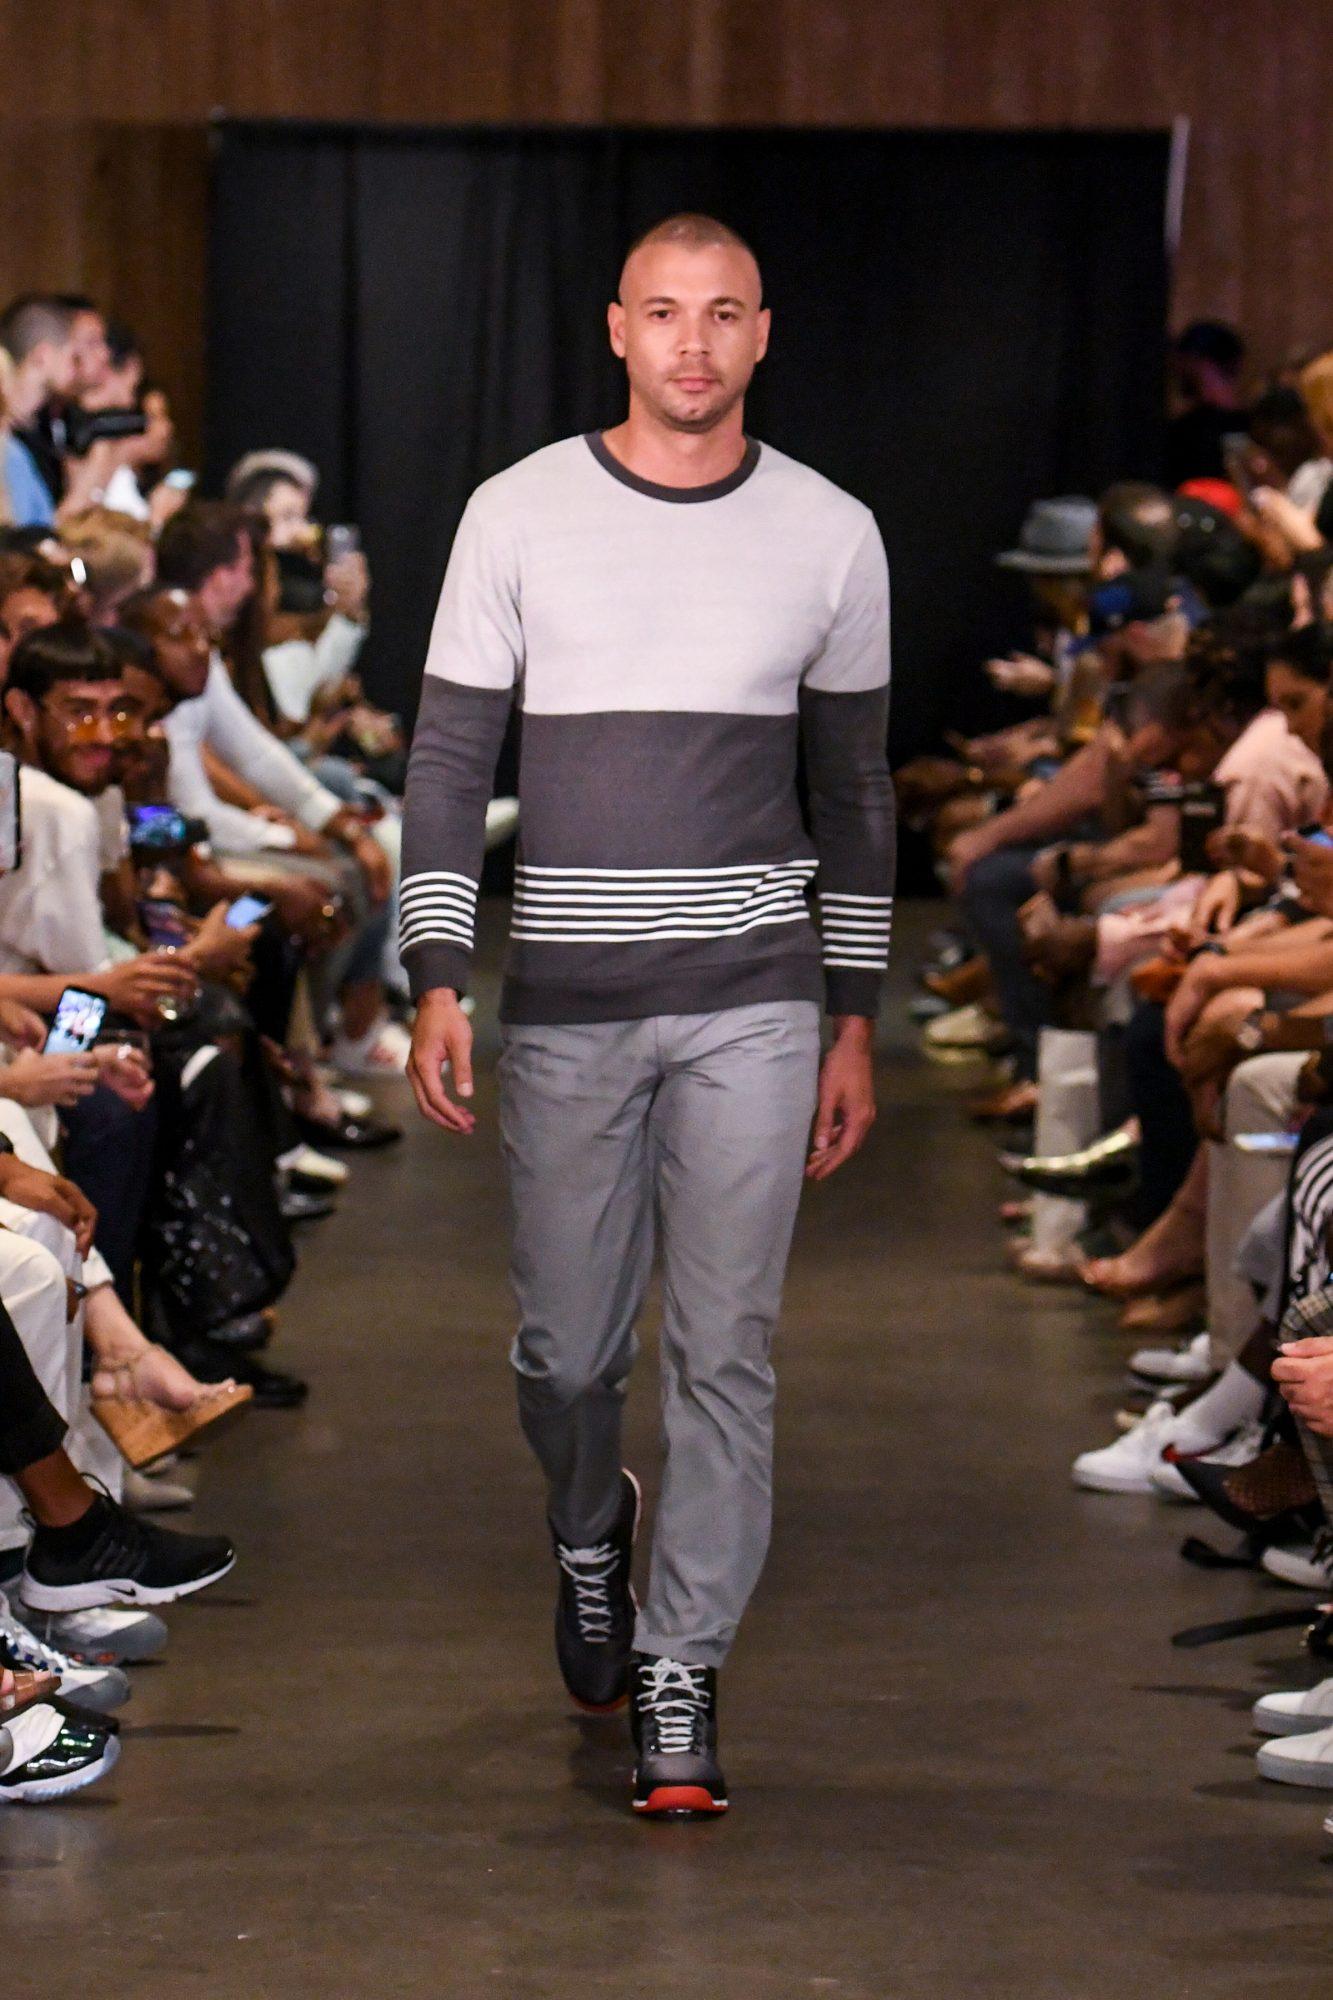 b0d7e029ba99 New York Fashion Week Men s  Grungy Gentleman Spring Summer 2019 ...